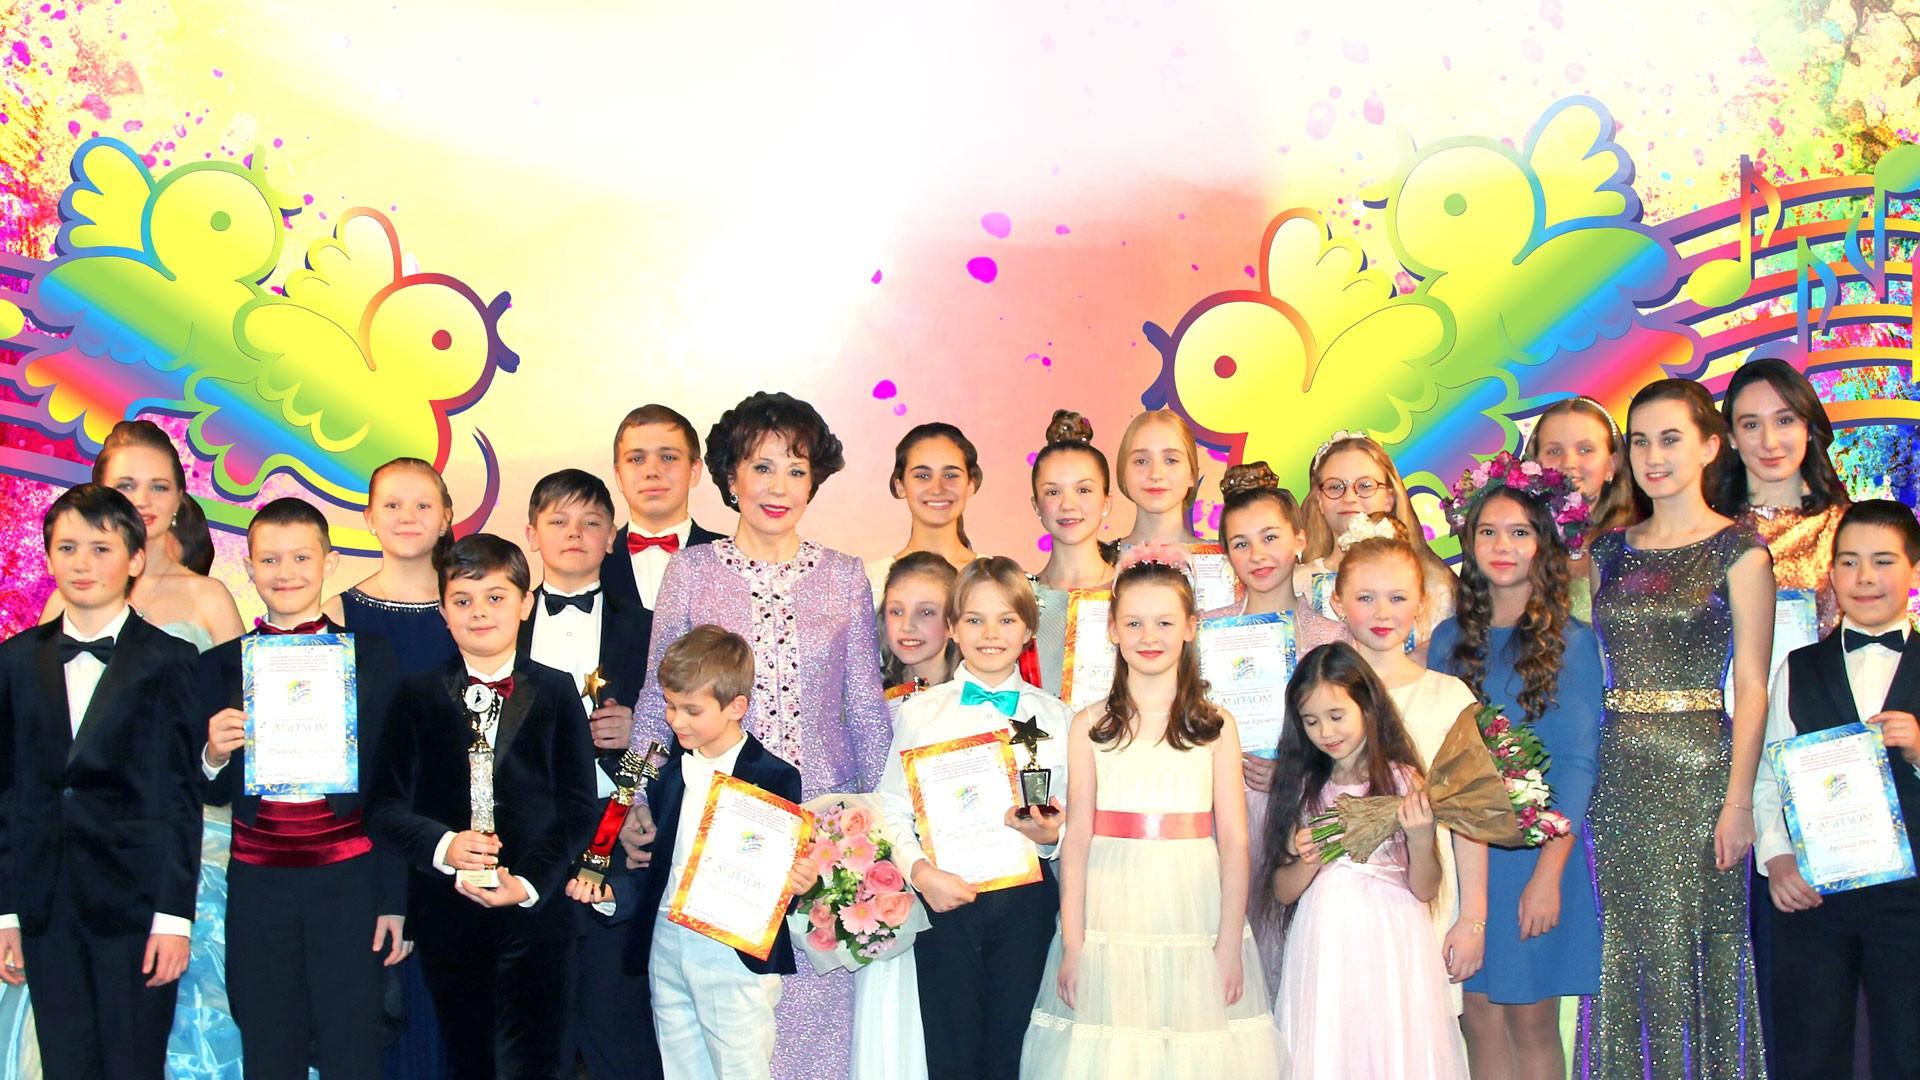 Концерт из цикла «Звезды «Романсиады» в Кремле». Концертная программа «Юные голоса России»